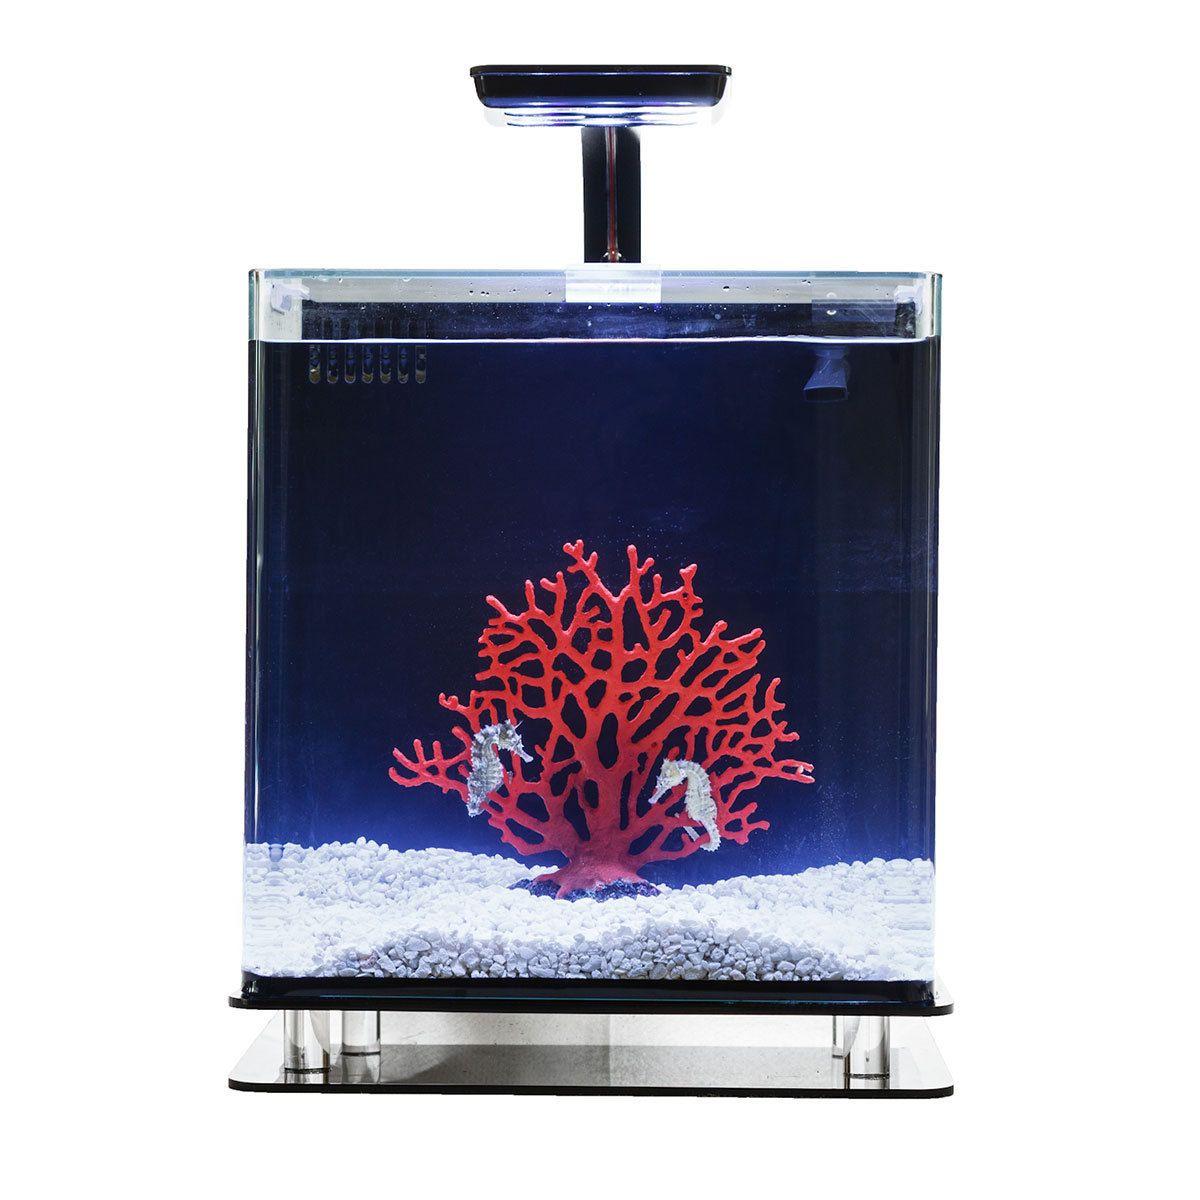 Aquarium fish tank complete system - Serene Seahorse Systems Seahorses Aquarium Complete Kits